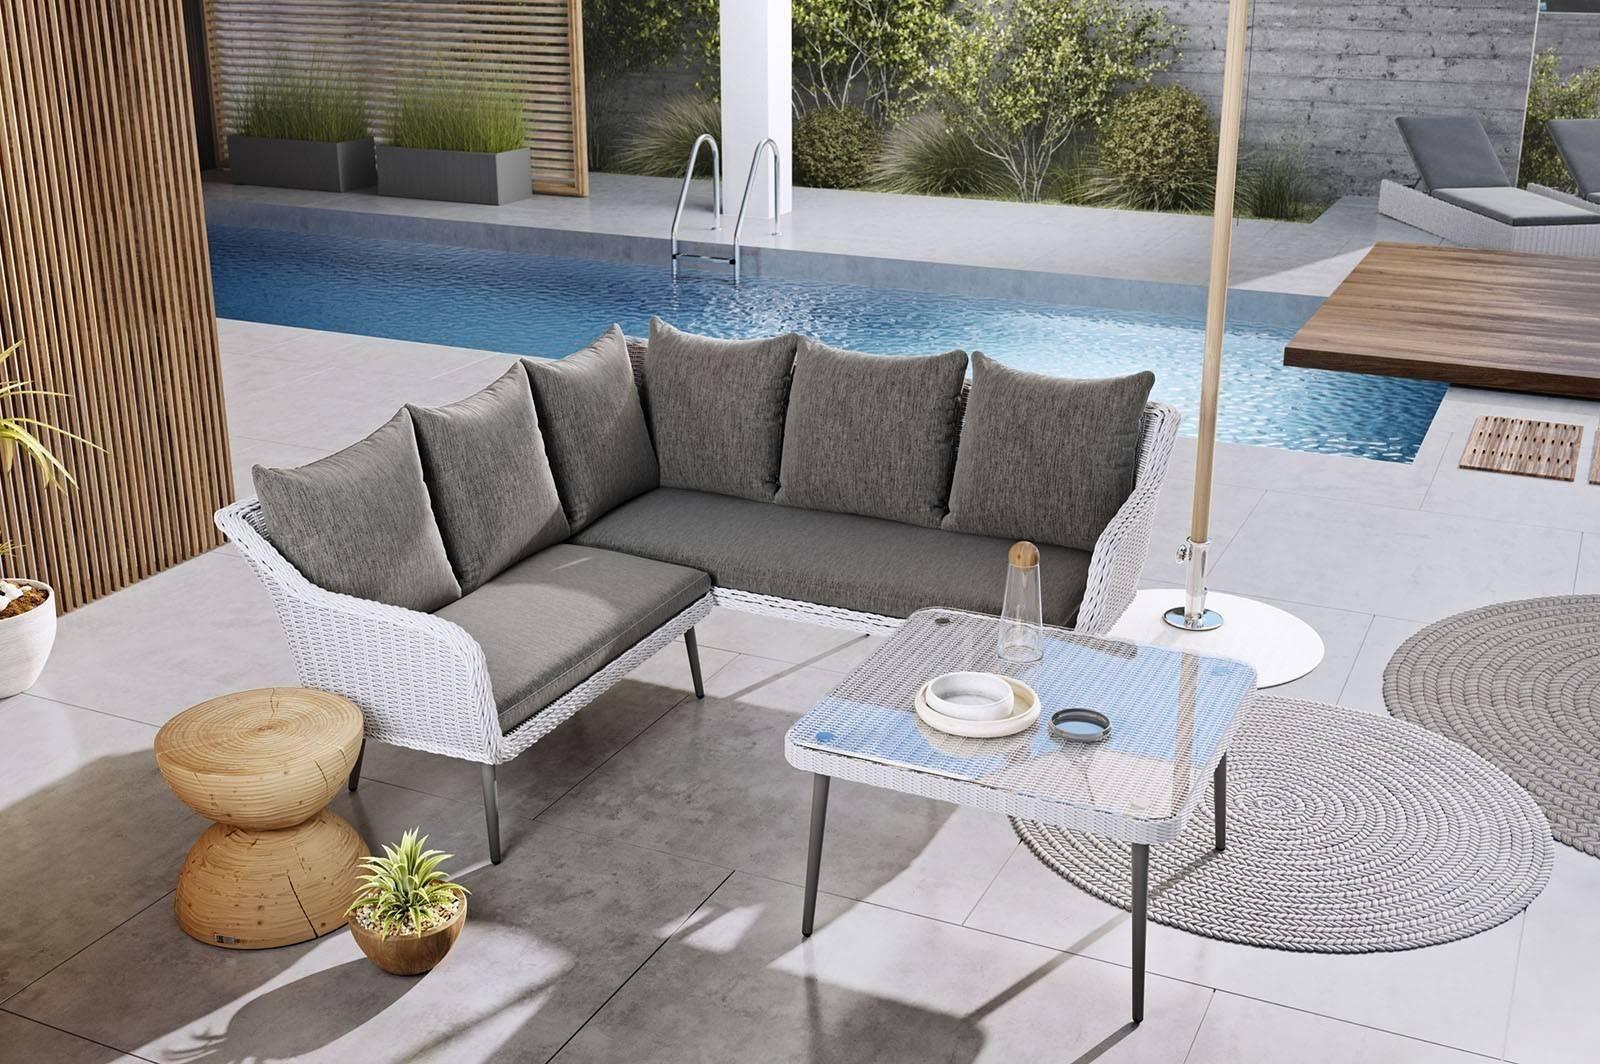 Záhradný nábytok v škandinávskom štýle IMOLA royal white